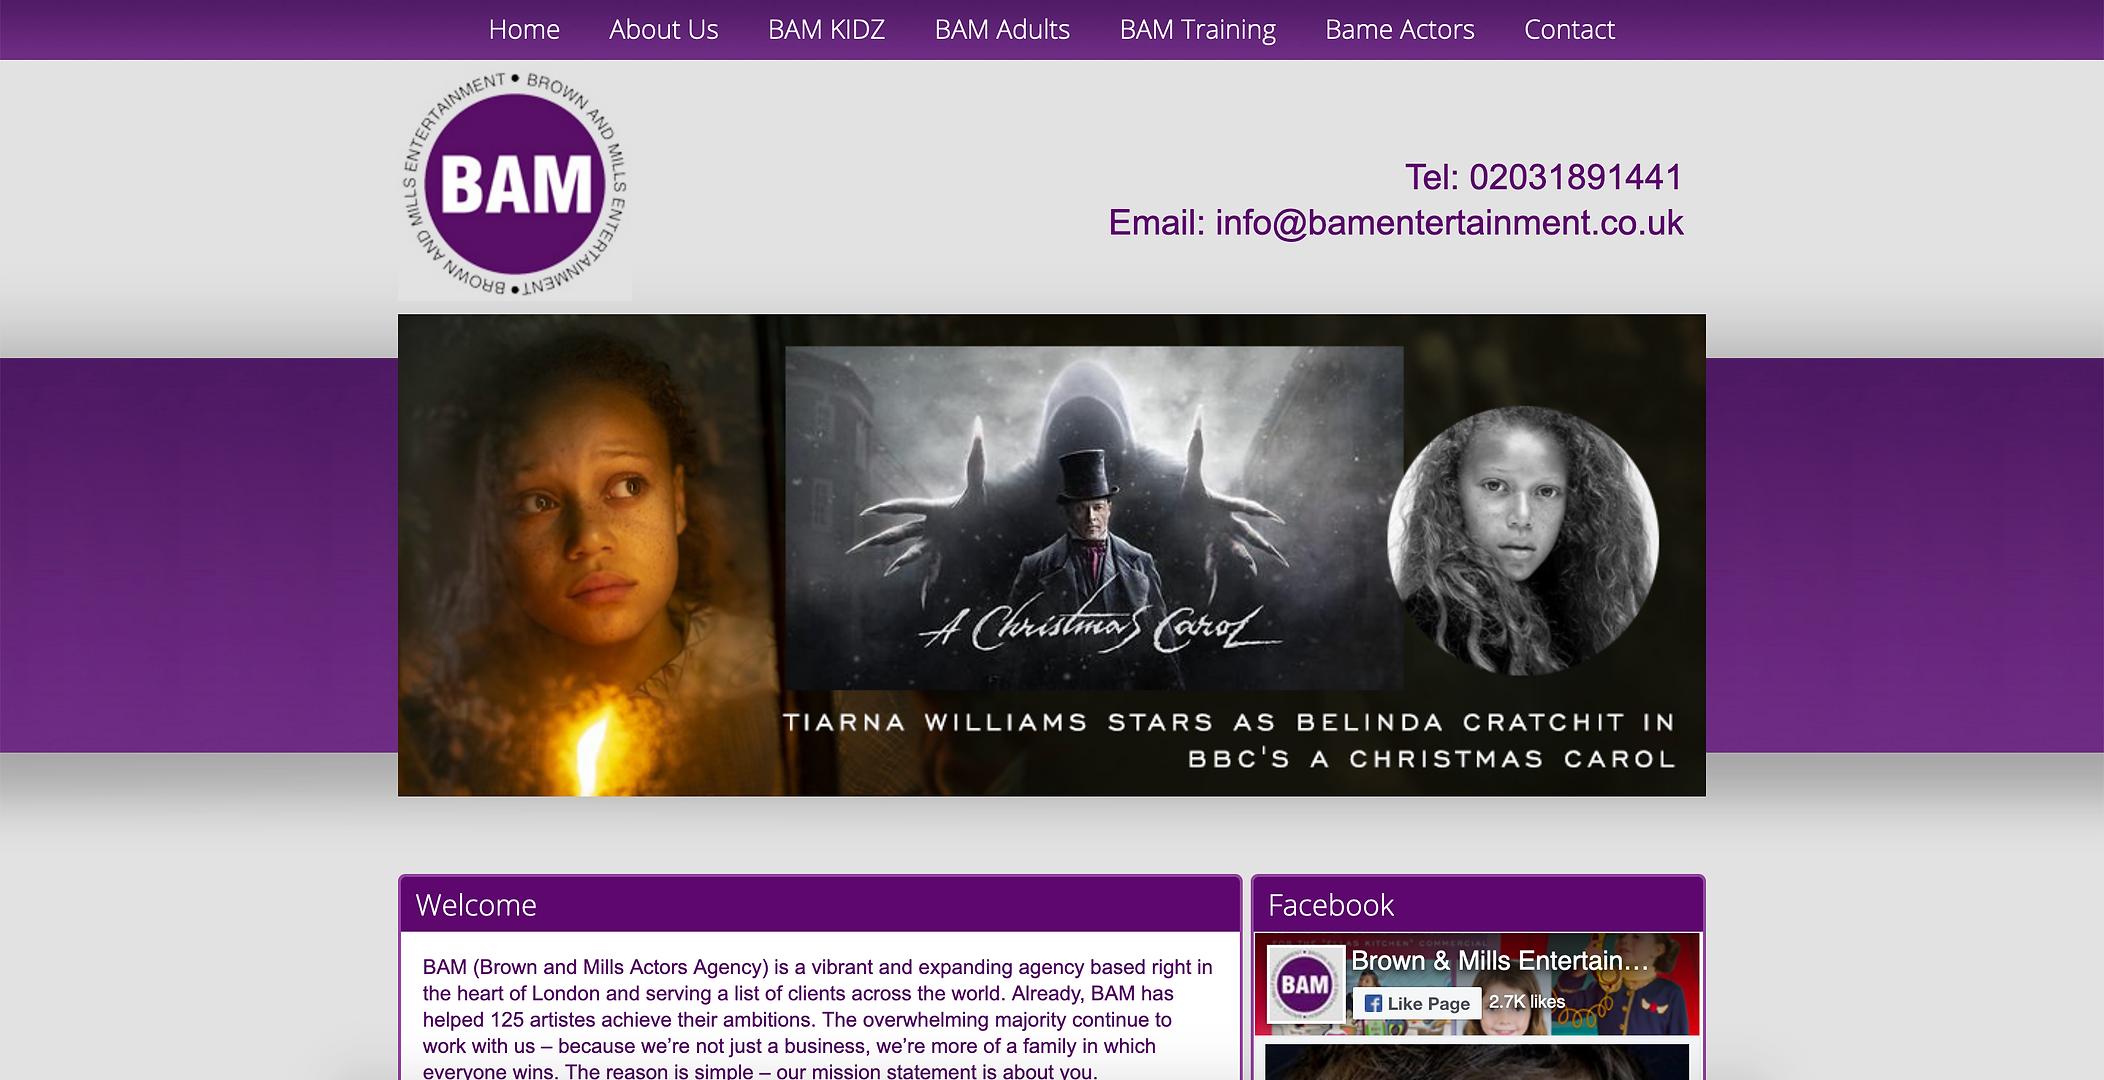 Screenshot 2020-03-24 at 19.58.26.png